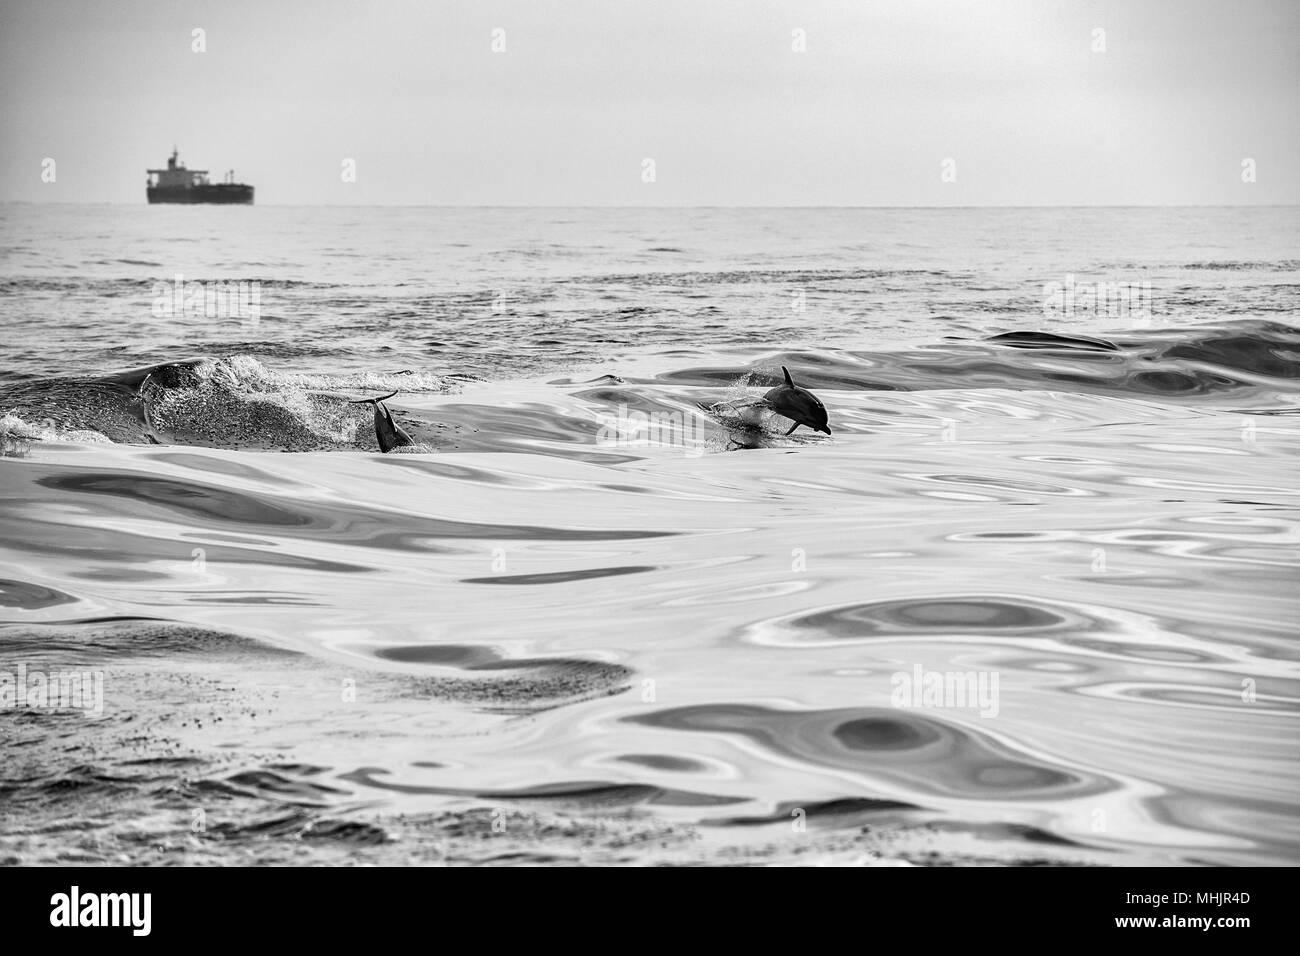 Delfín saltando fuera del mar en blanco y negro Foto de stock